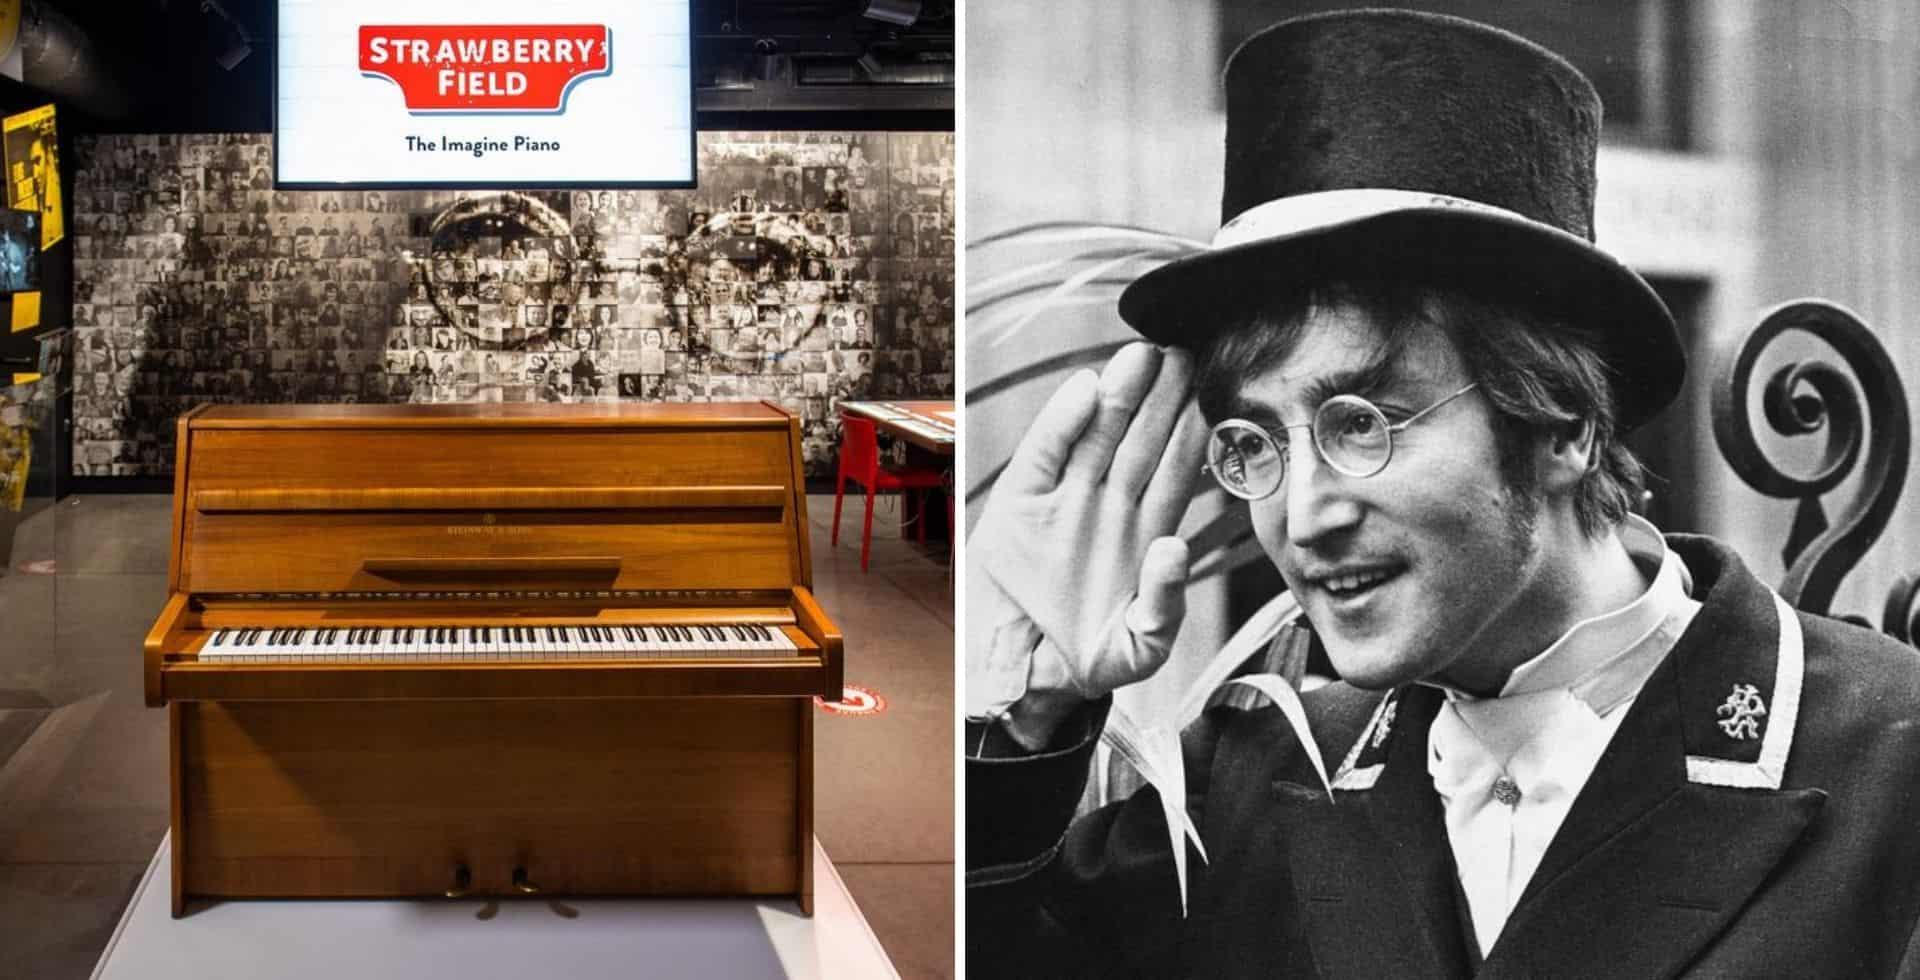 Inglaterra: suman el piano con el que John Lennon escribió Imagine a la muestra de Strawberry Field en Liverpool